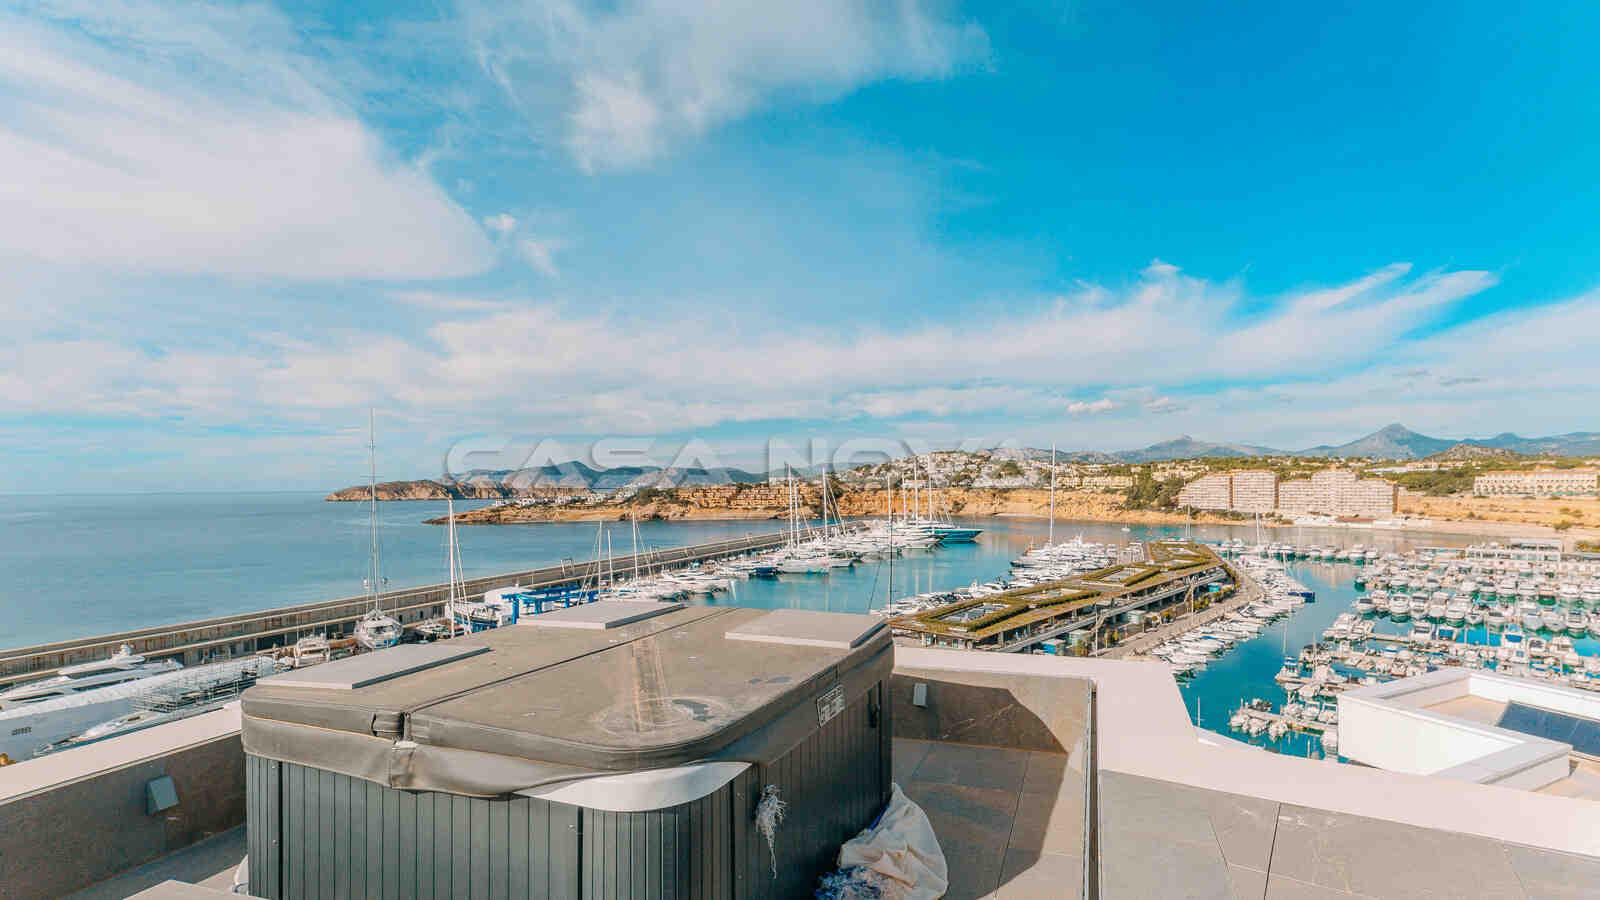 Jaccuzi auf der Dachterrasse mit 180 Grad Blick über den Yachthafen